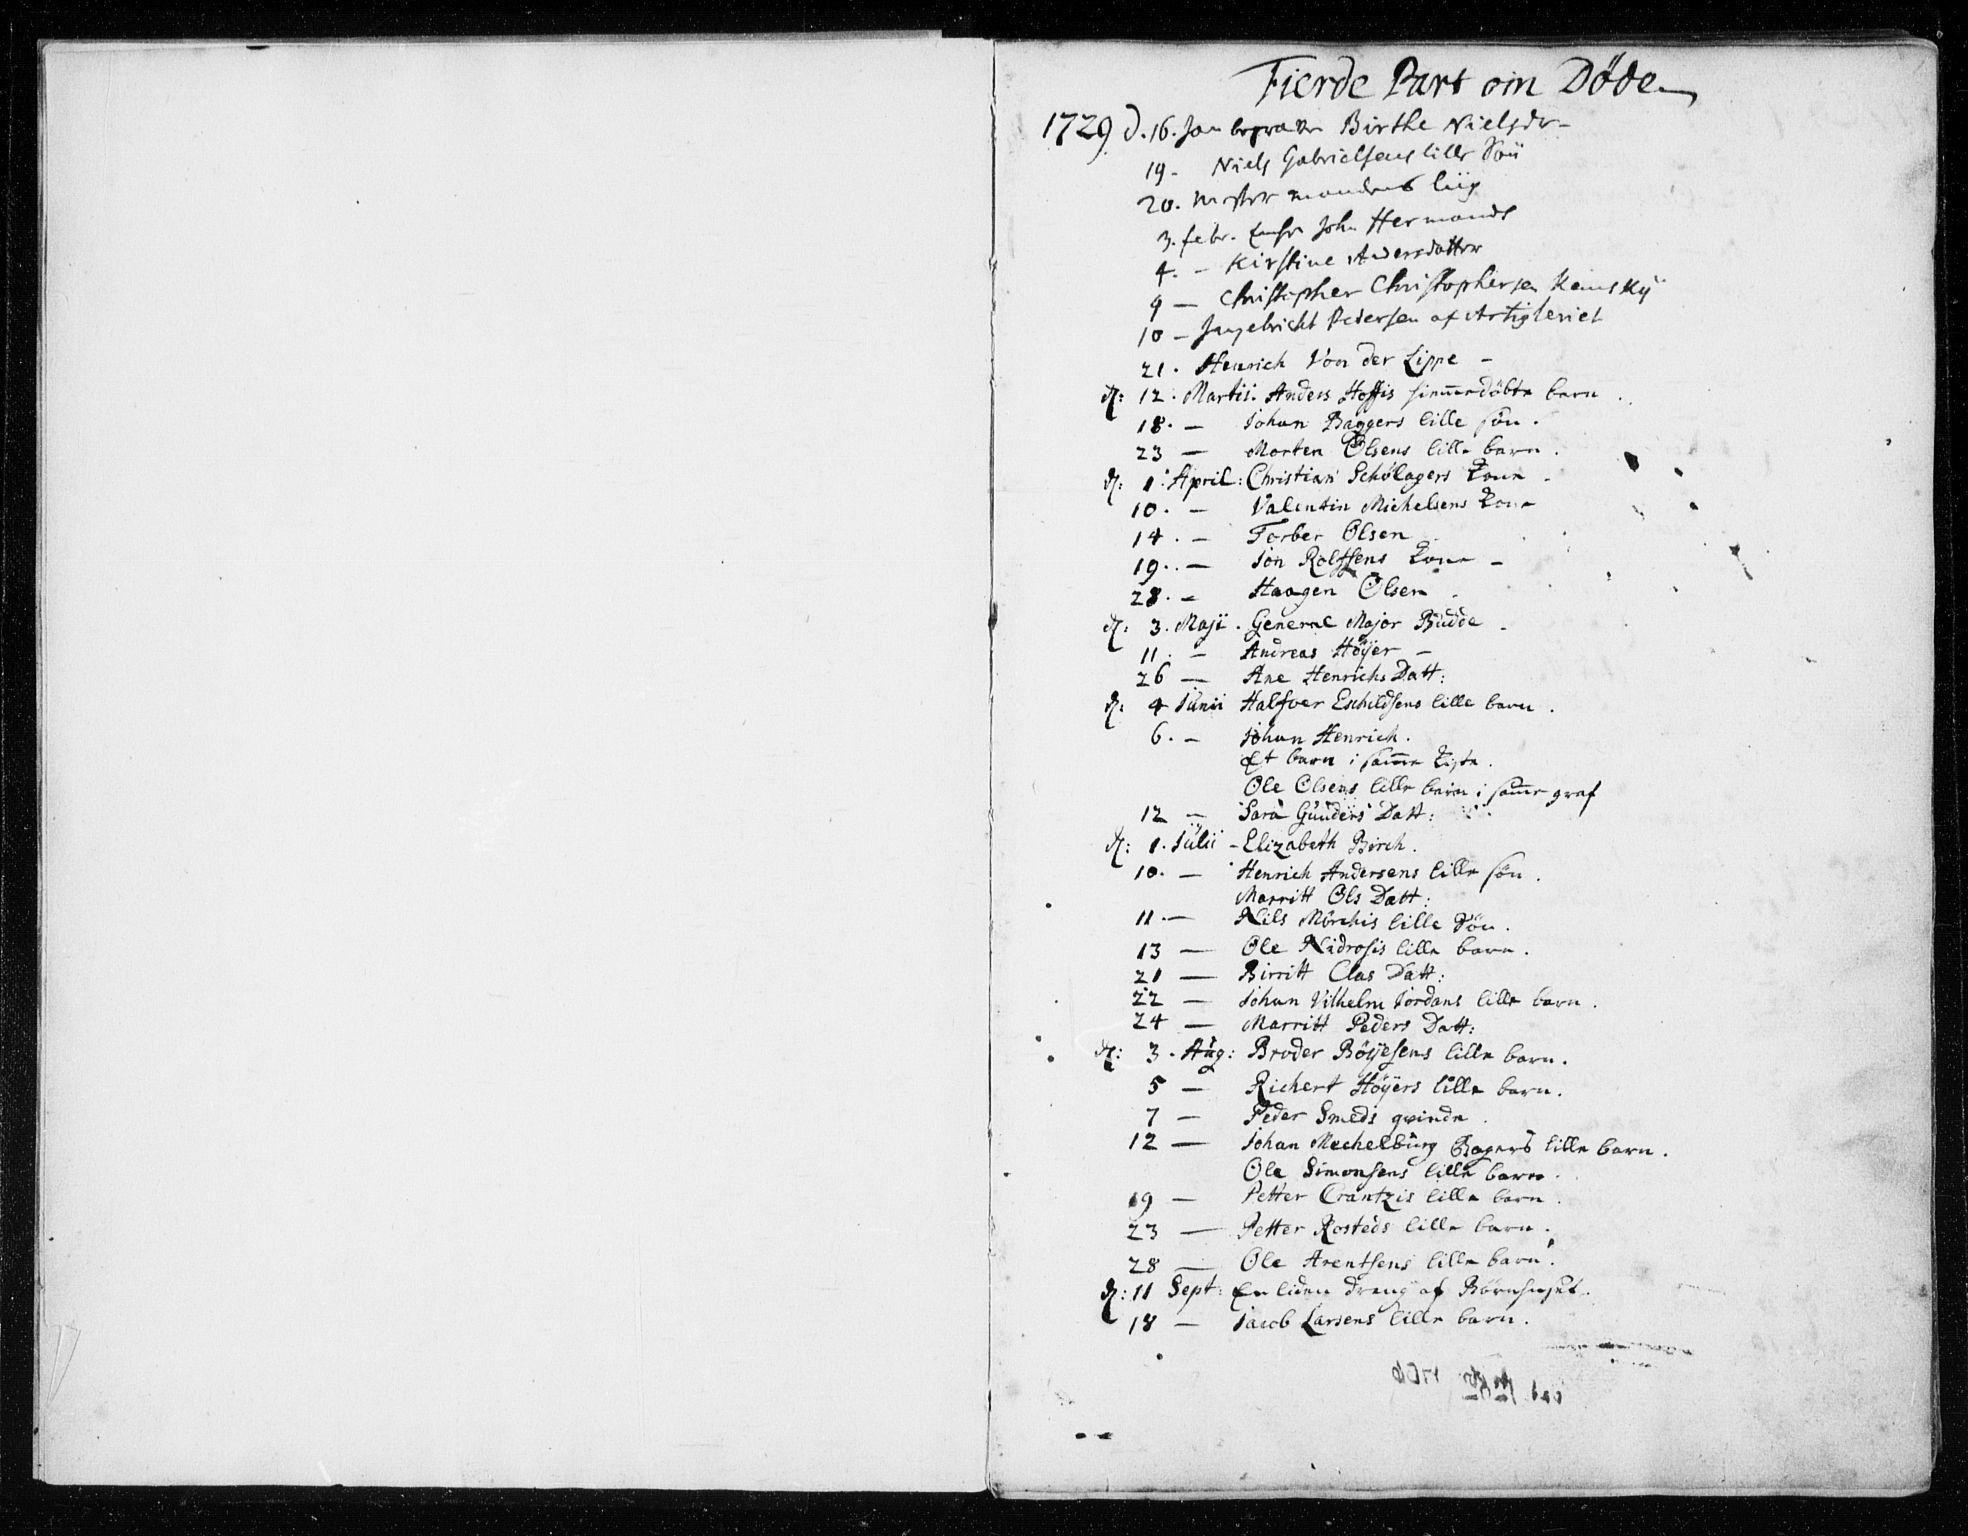 SAT, Ministerialprotokoller, klokkerbøker og fødselsregistre - Sør-Trøndelag, 601/L0037: Ministerialbok nr. 601A05, 1729-1761, s. 1